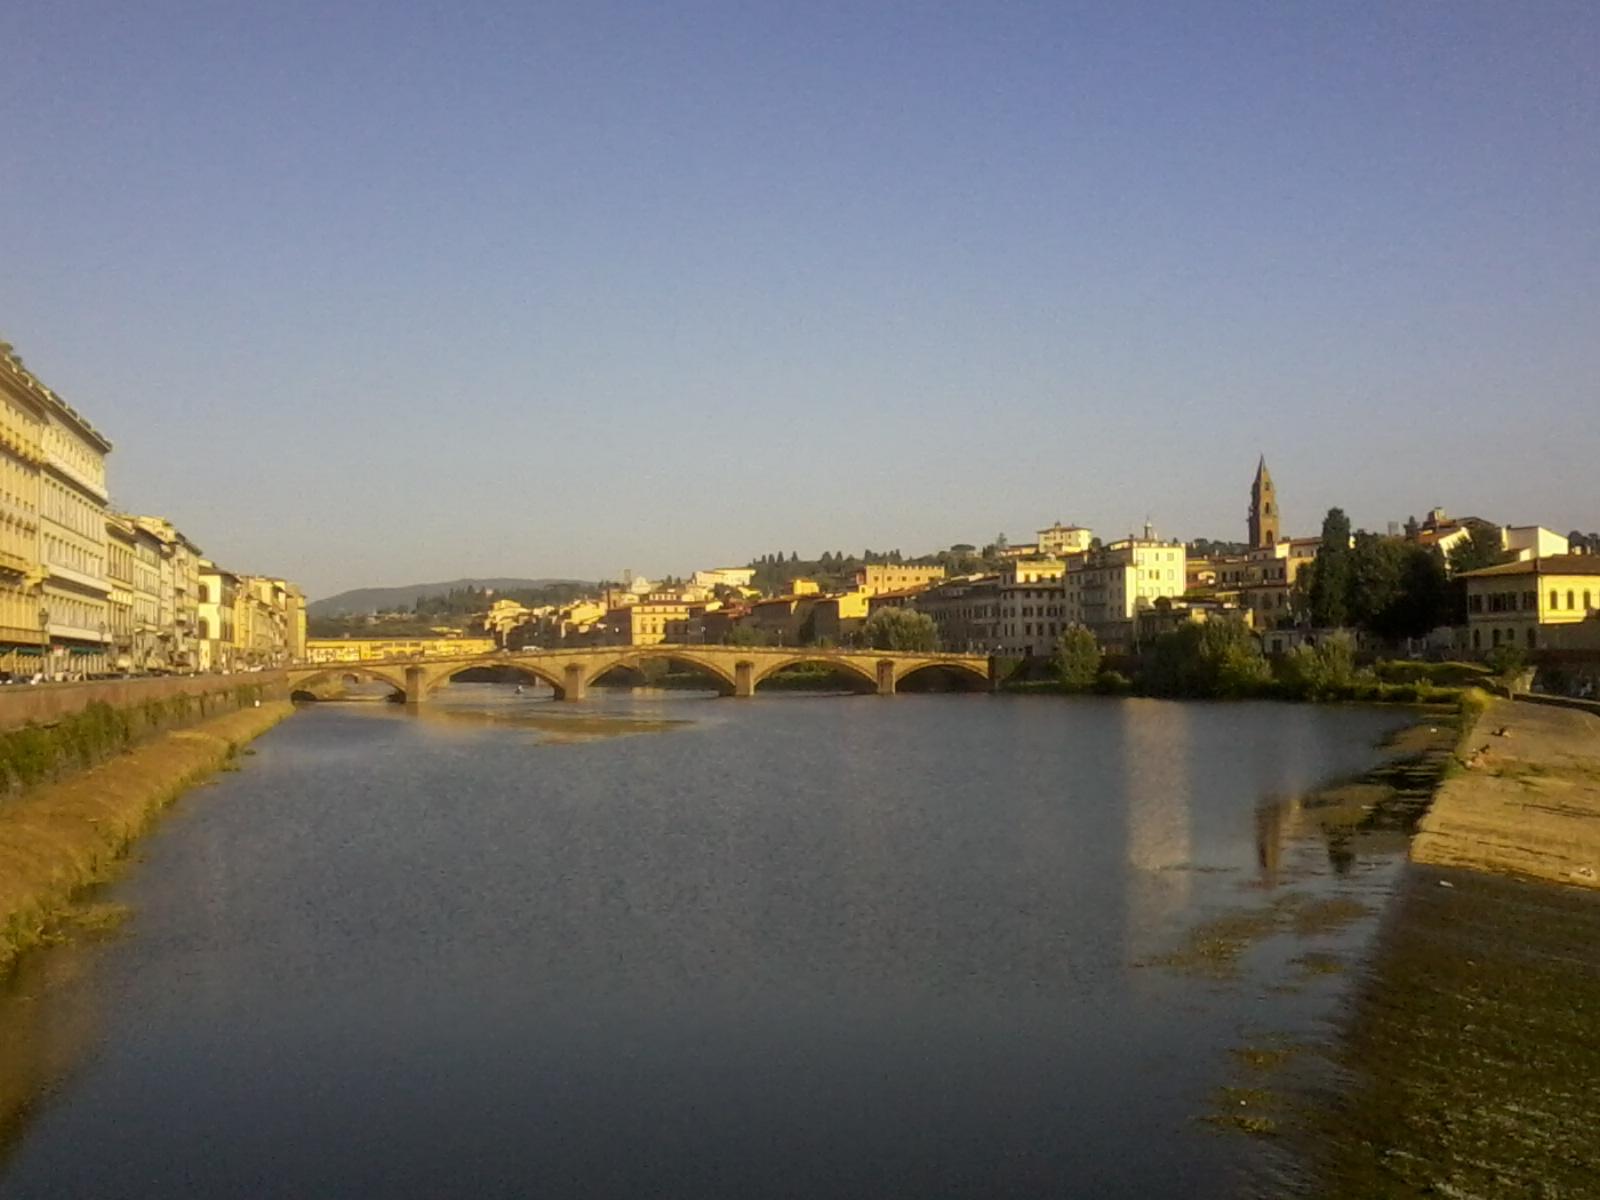 Włochy - Florencja - Zdjęcia